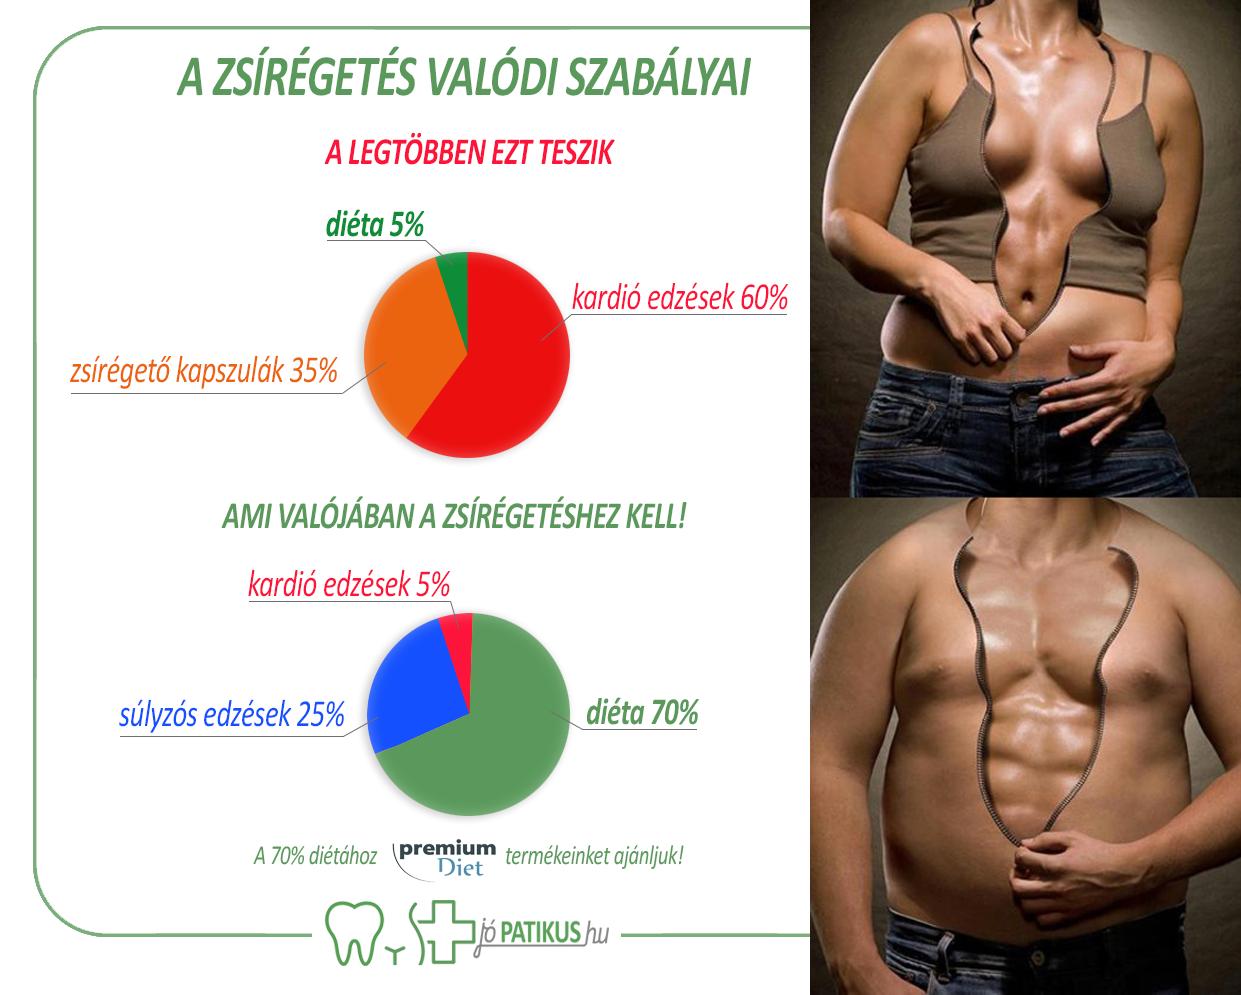 fogyni arány